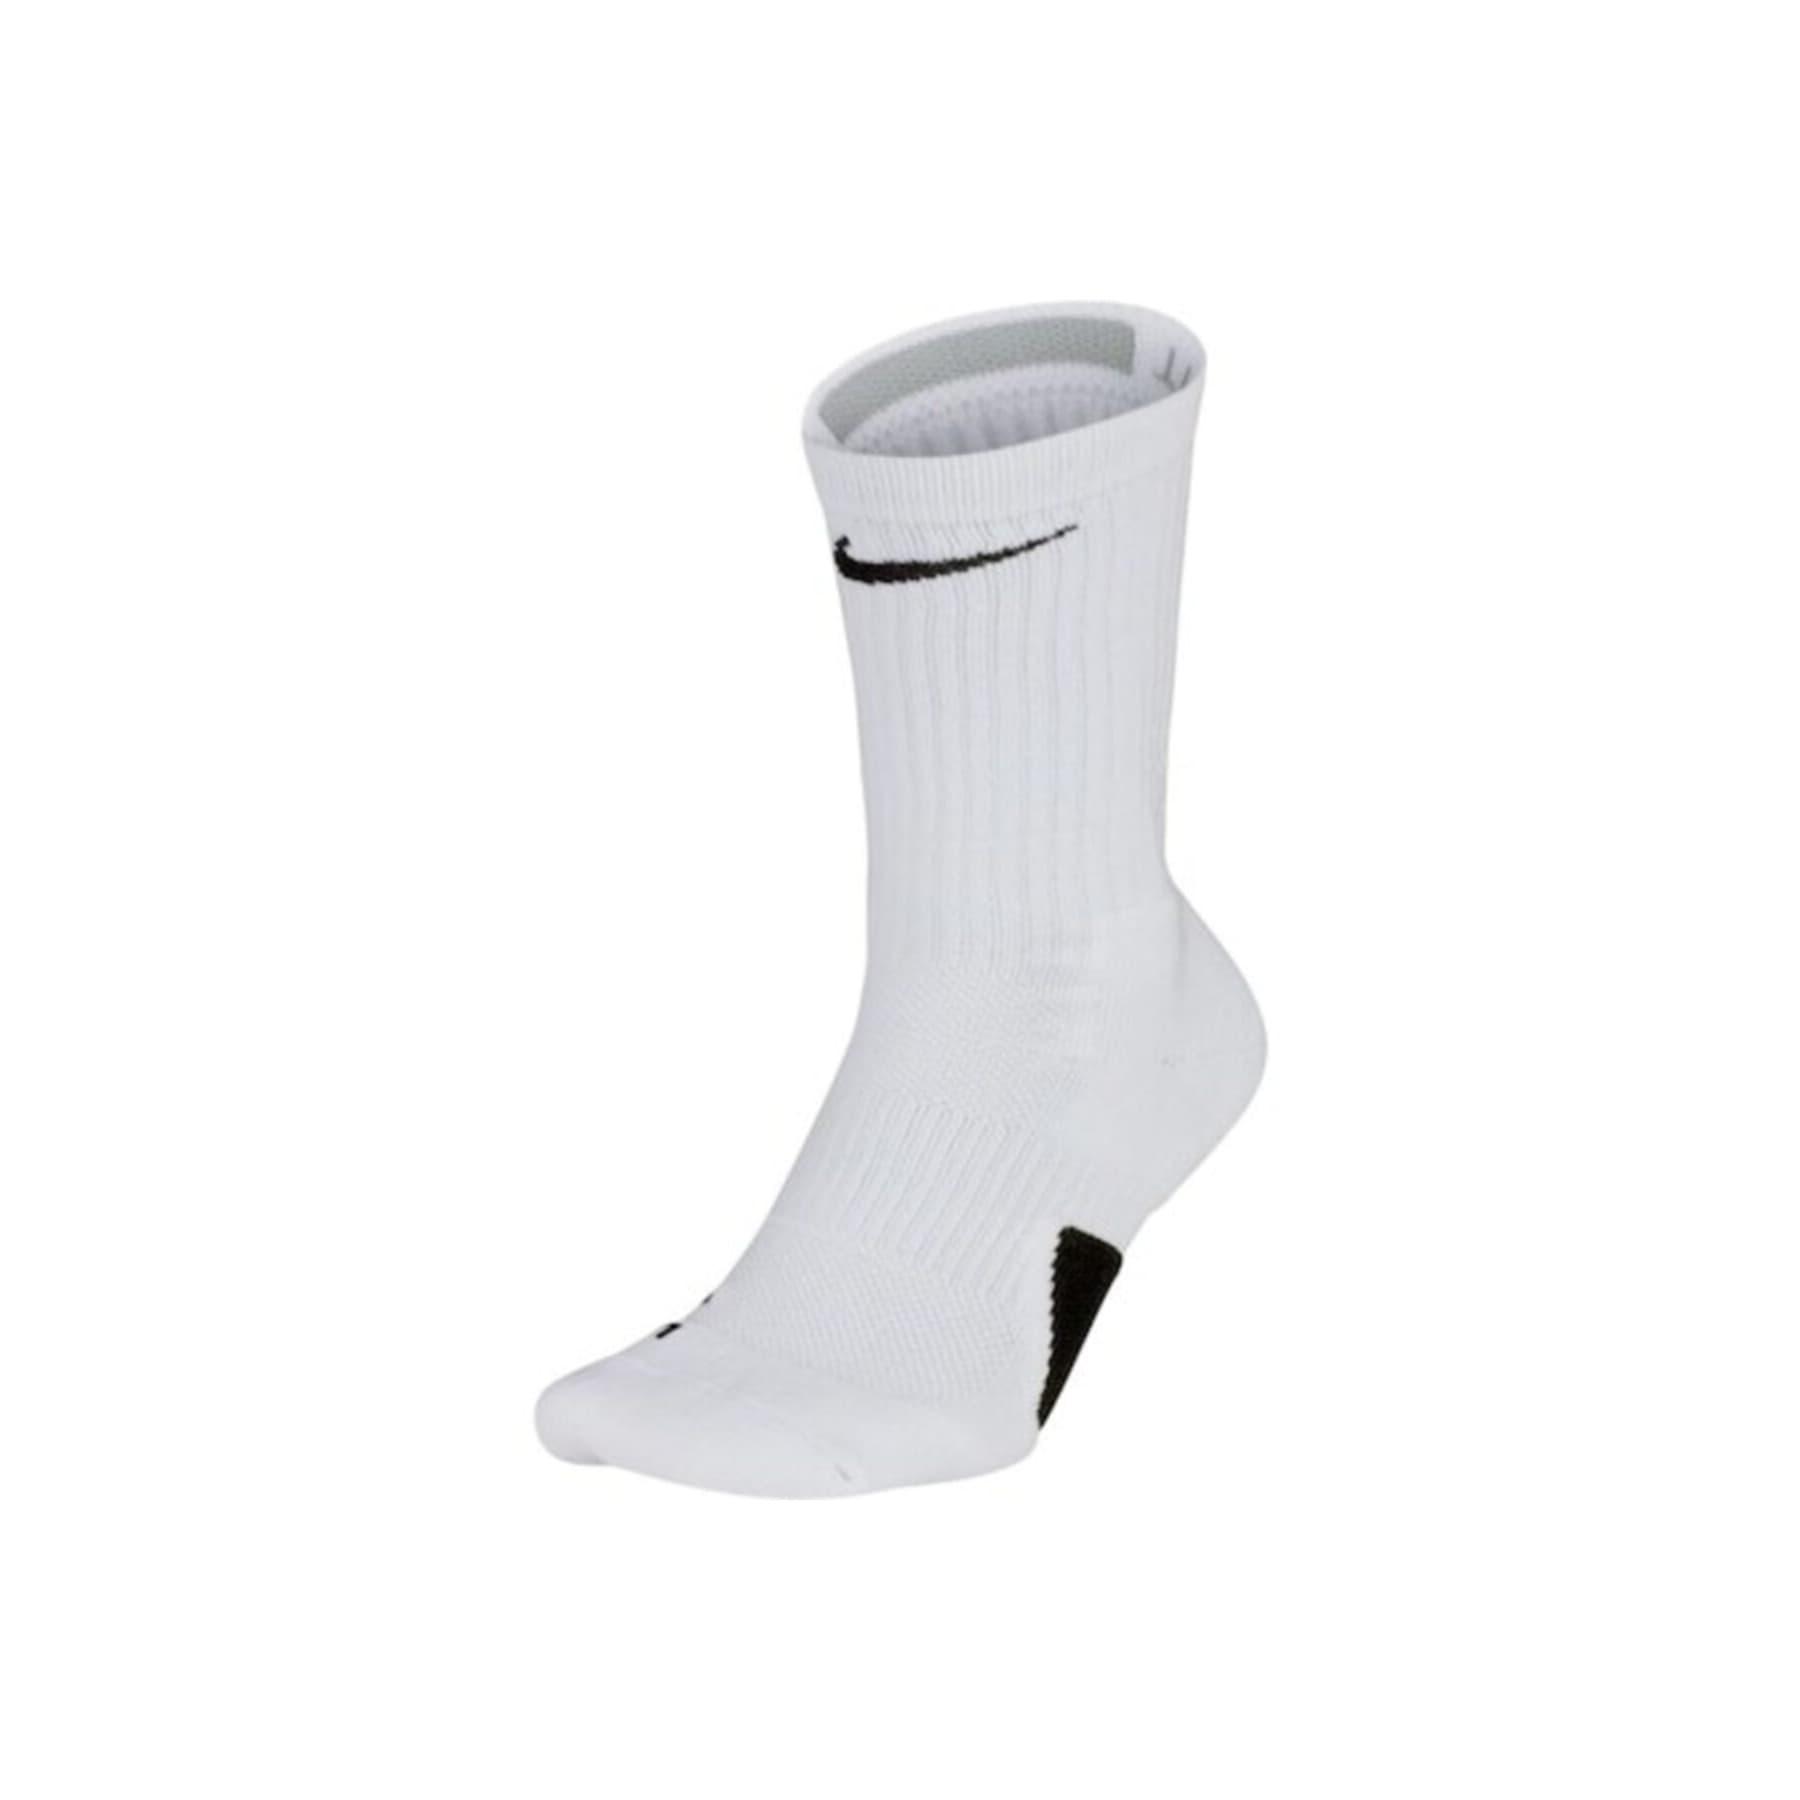 Elite Crew Beyaz Basketbol Çorabı (SX7622-100)